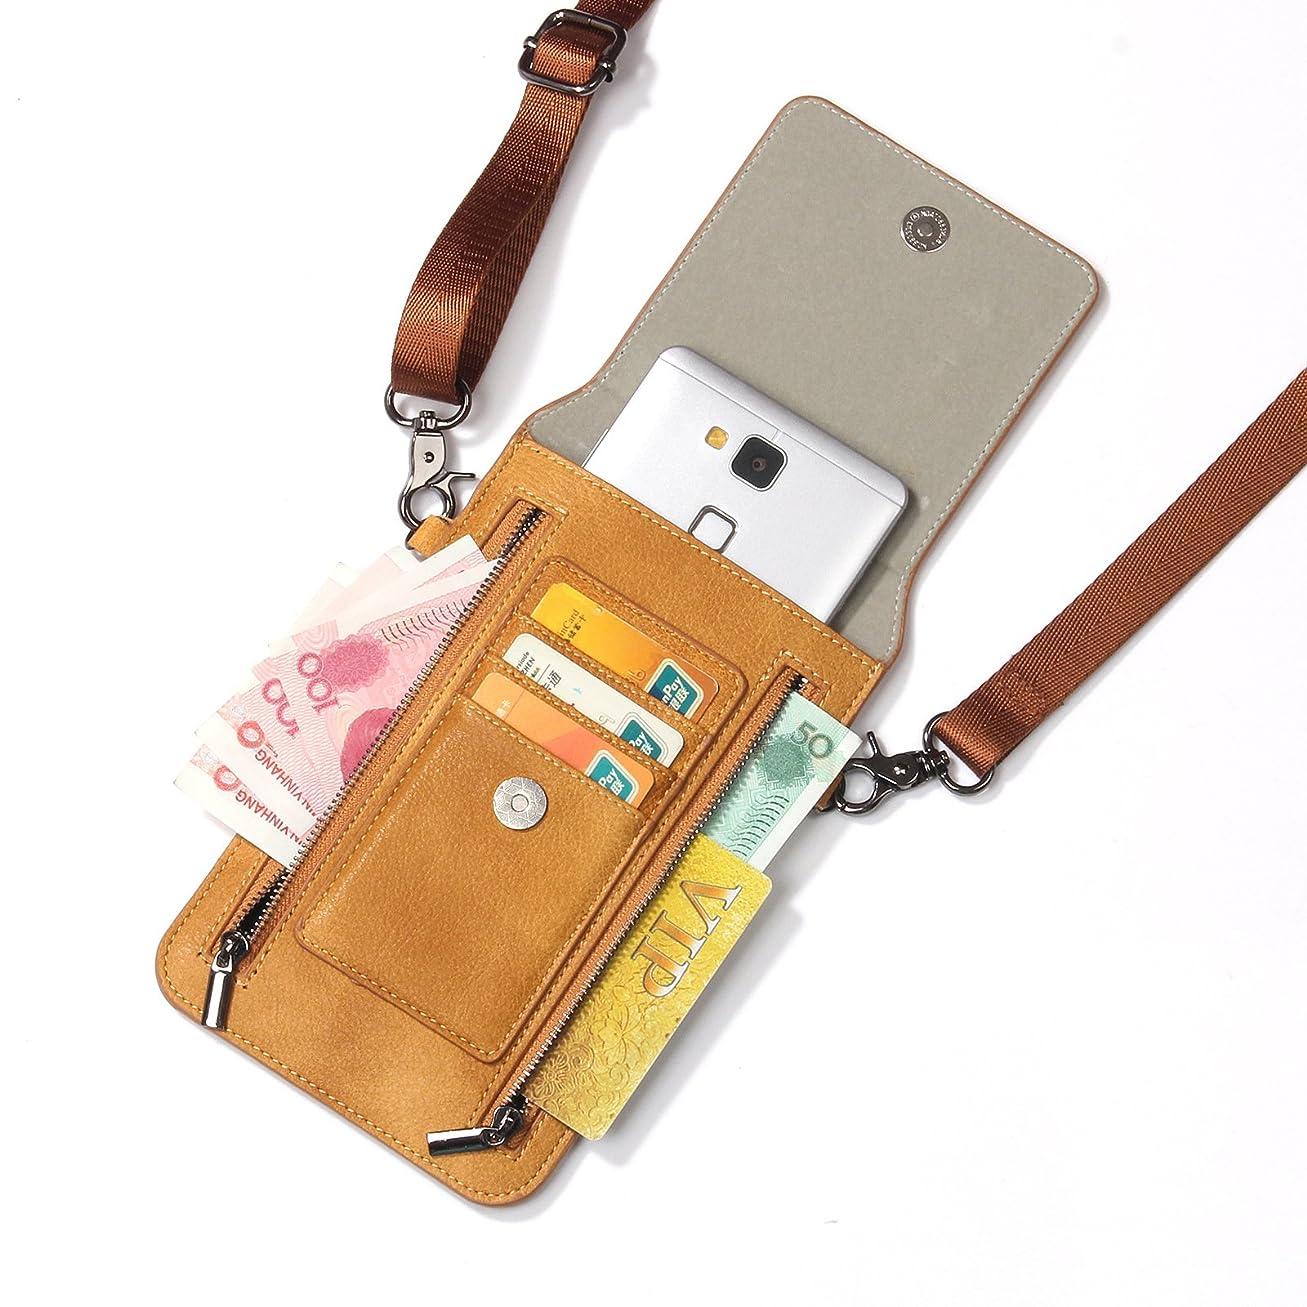 ホイットニー悲劇上へiPhone XS Max ケース レザー INorton 多機能スマホポーチ 保護カバー 財布型 軽量 カード お金収納 ストラップ付き iPhone X /8/8Plus/7/7Plusなど6.5インチ汎用